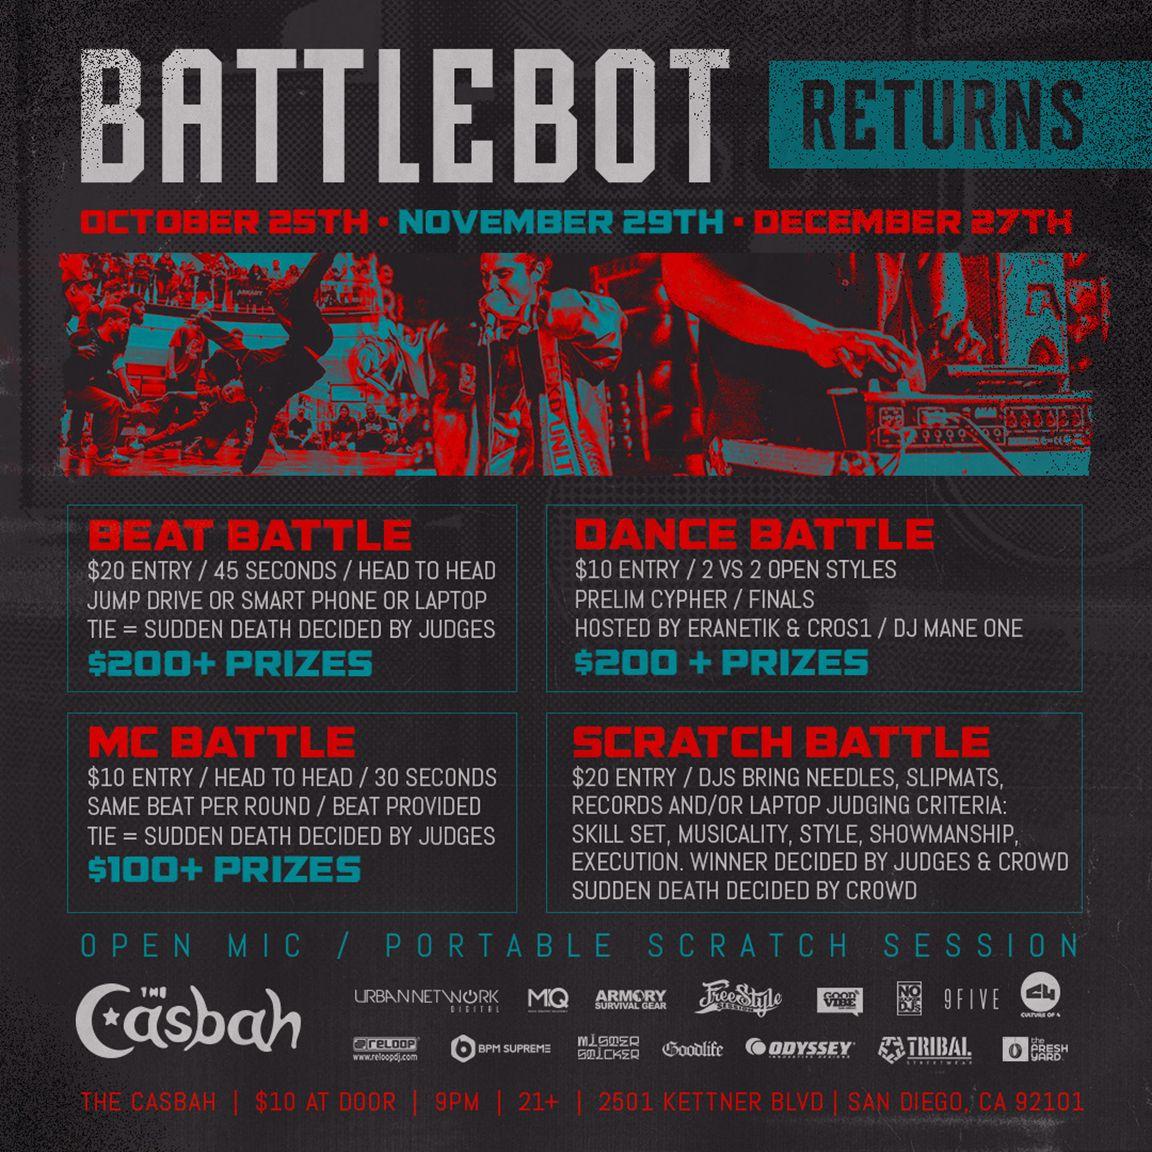 Battle Bot: